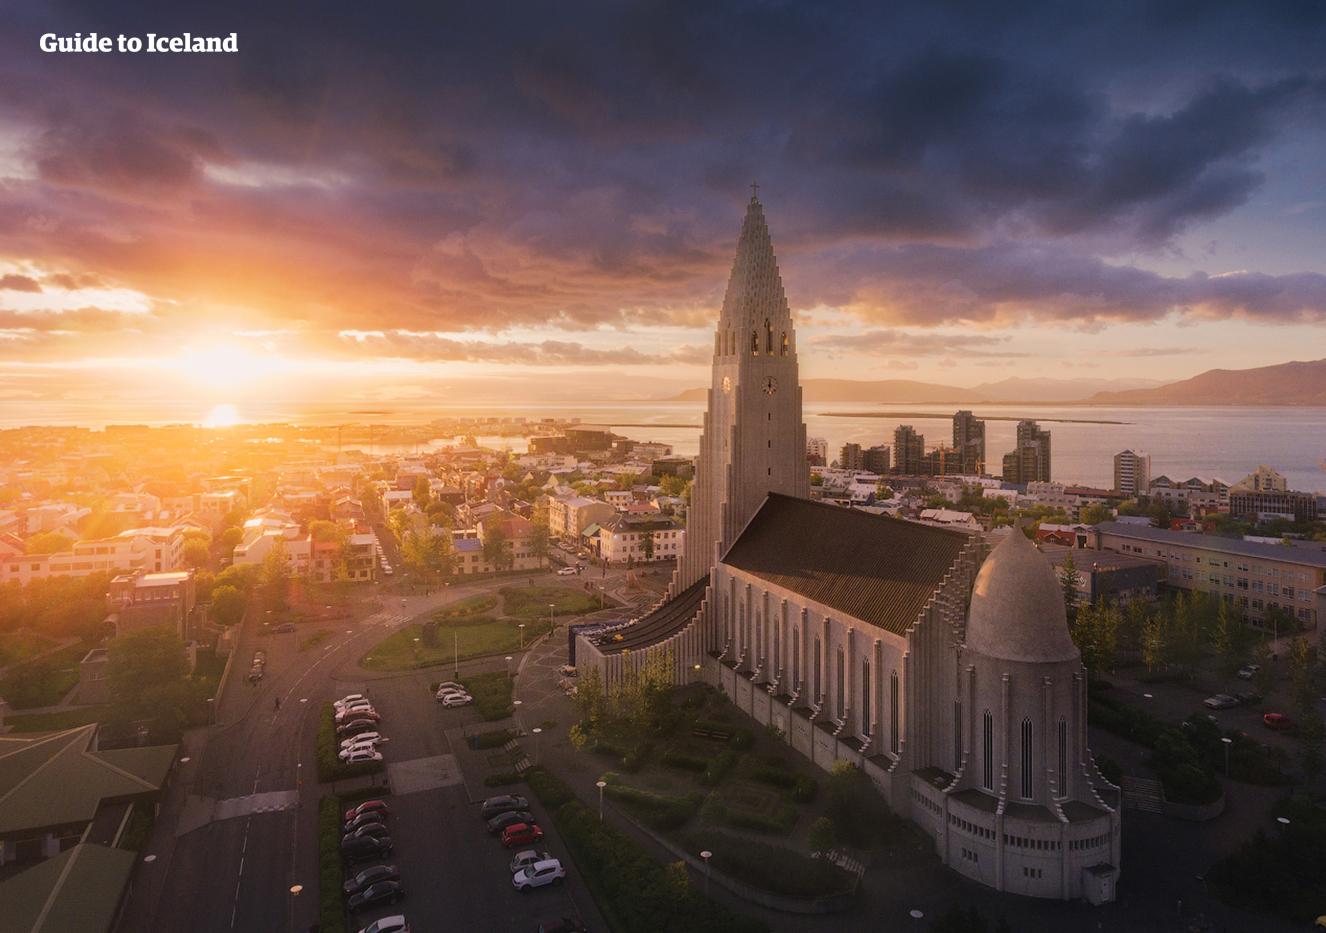 购买冰岛8日盛夏小众跟团自由行套餐用一天时间发掘冰岛首都雷克雅未克的魅力